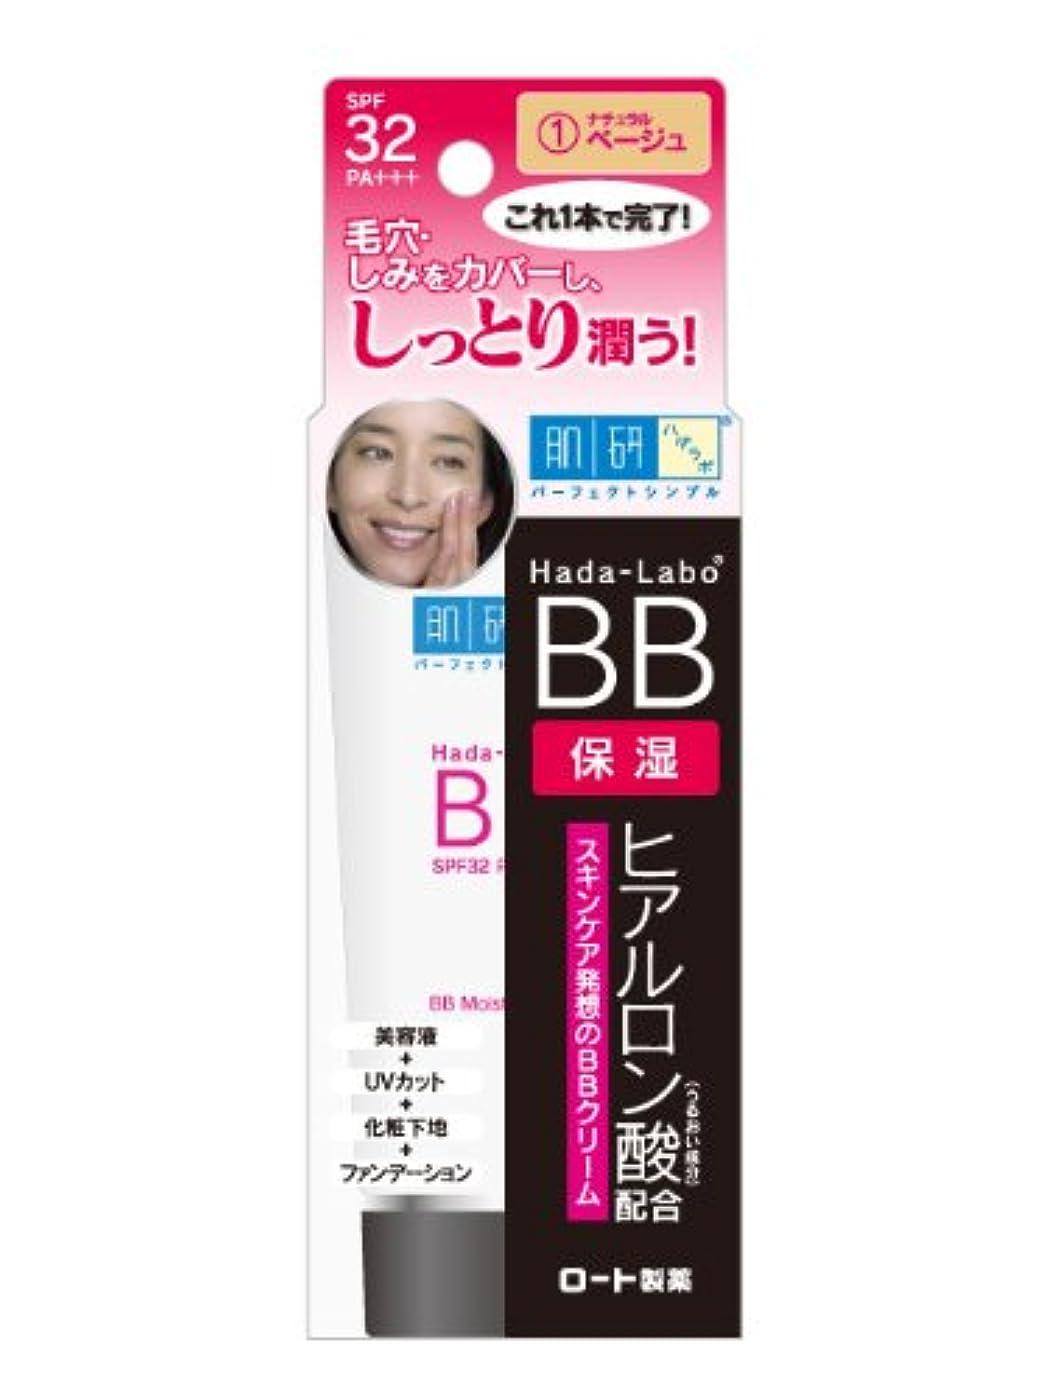 細心の他の日フォージ肌研(ハダラボ) ヒアルロン BBクリーム (ナチュラルベージュ) 45g